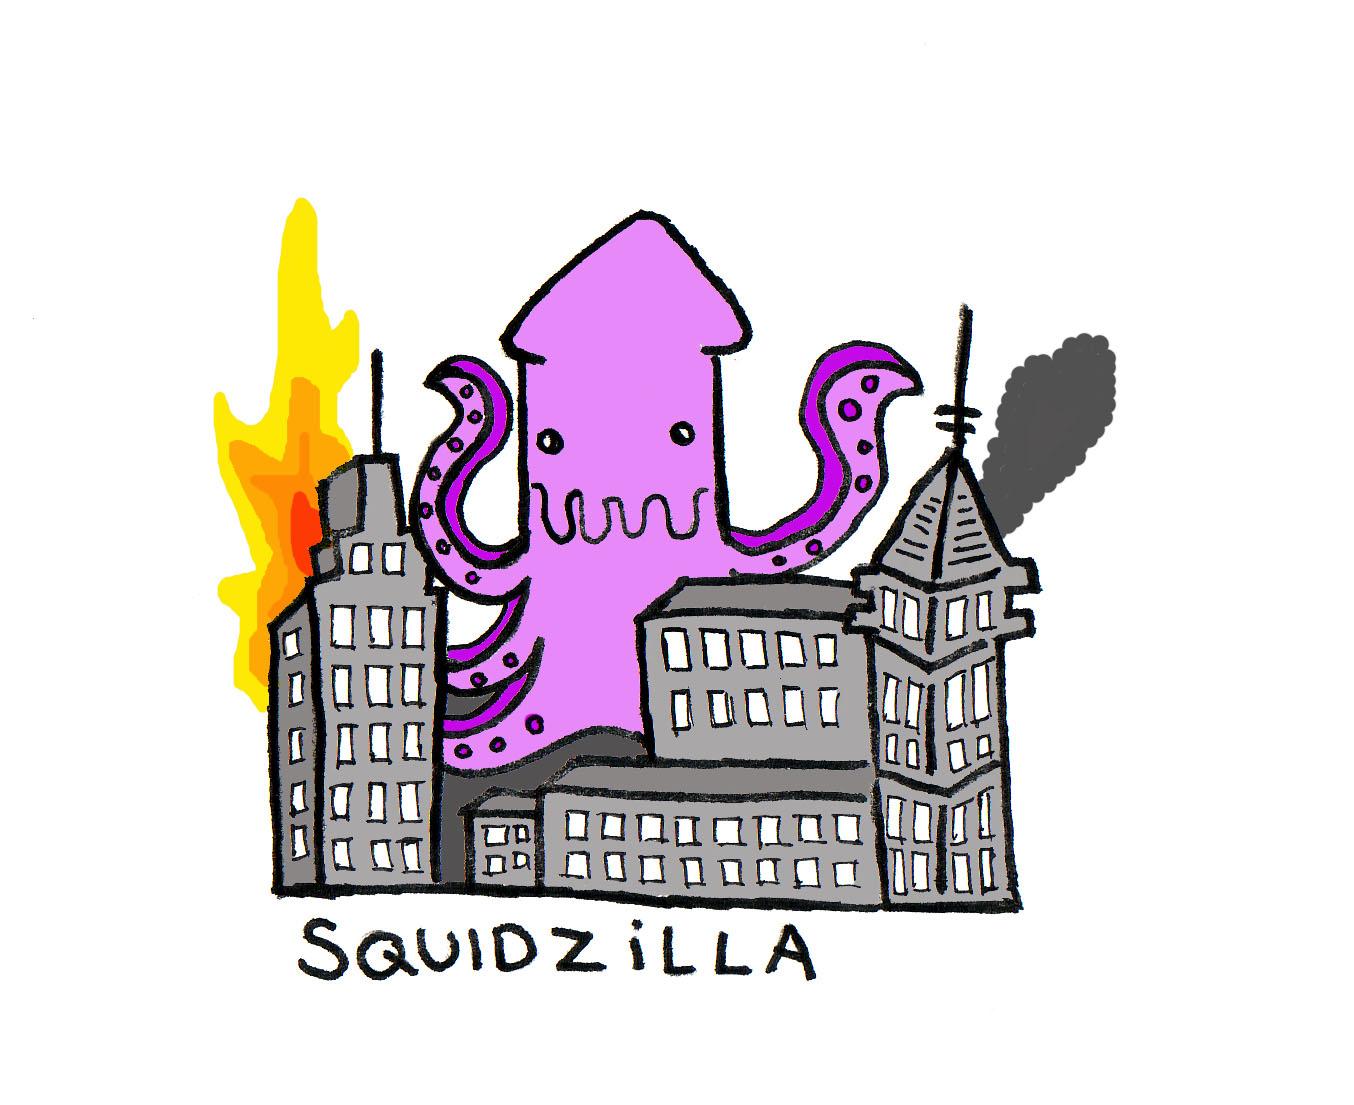 Squidzilla